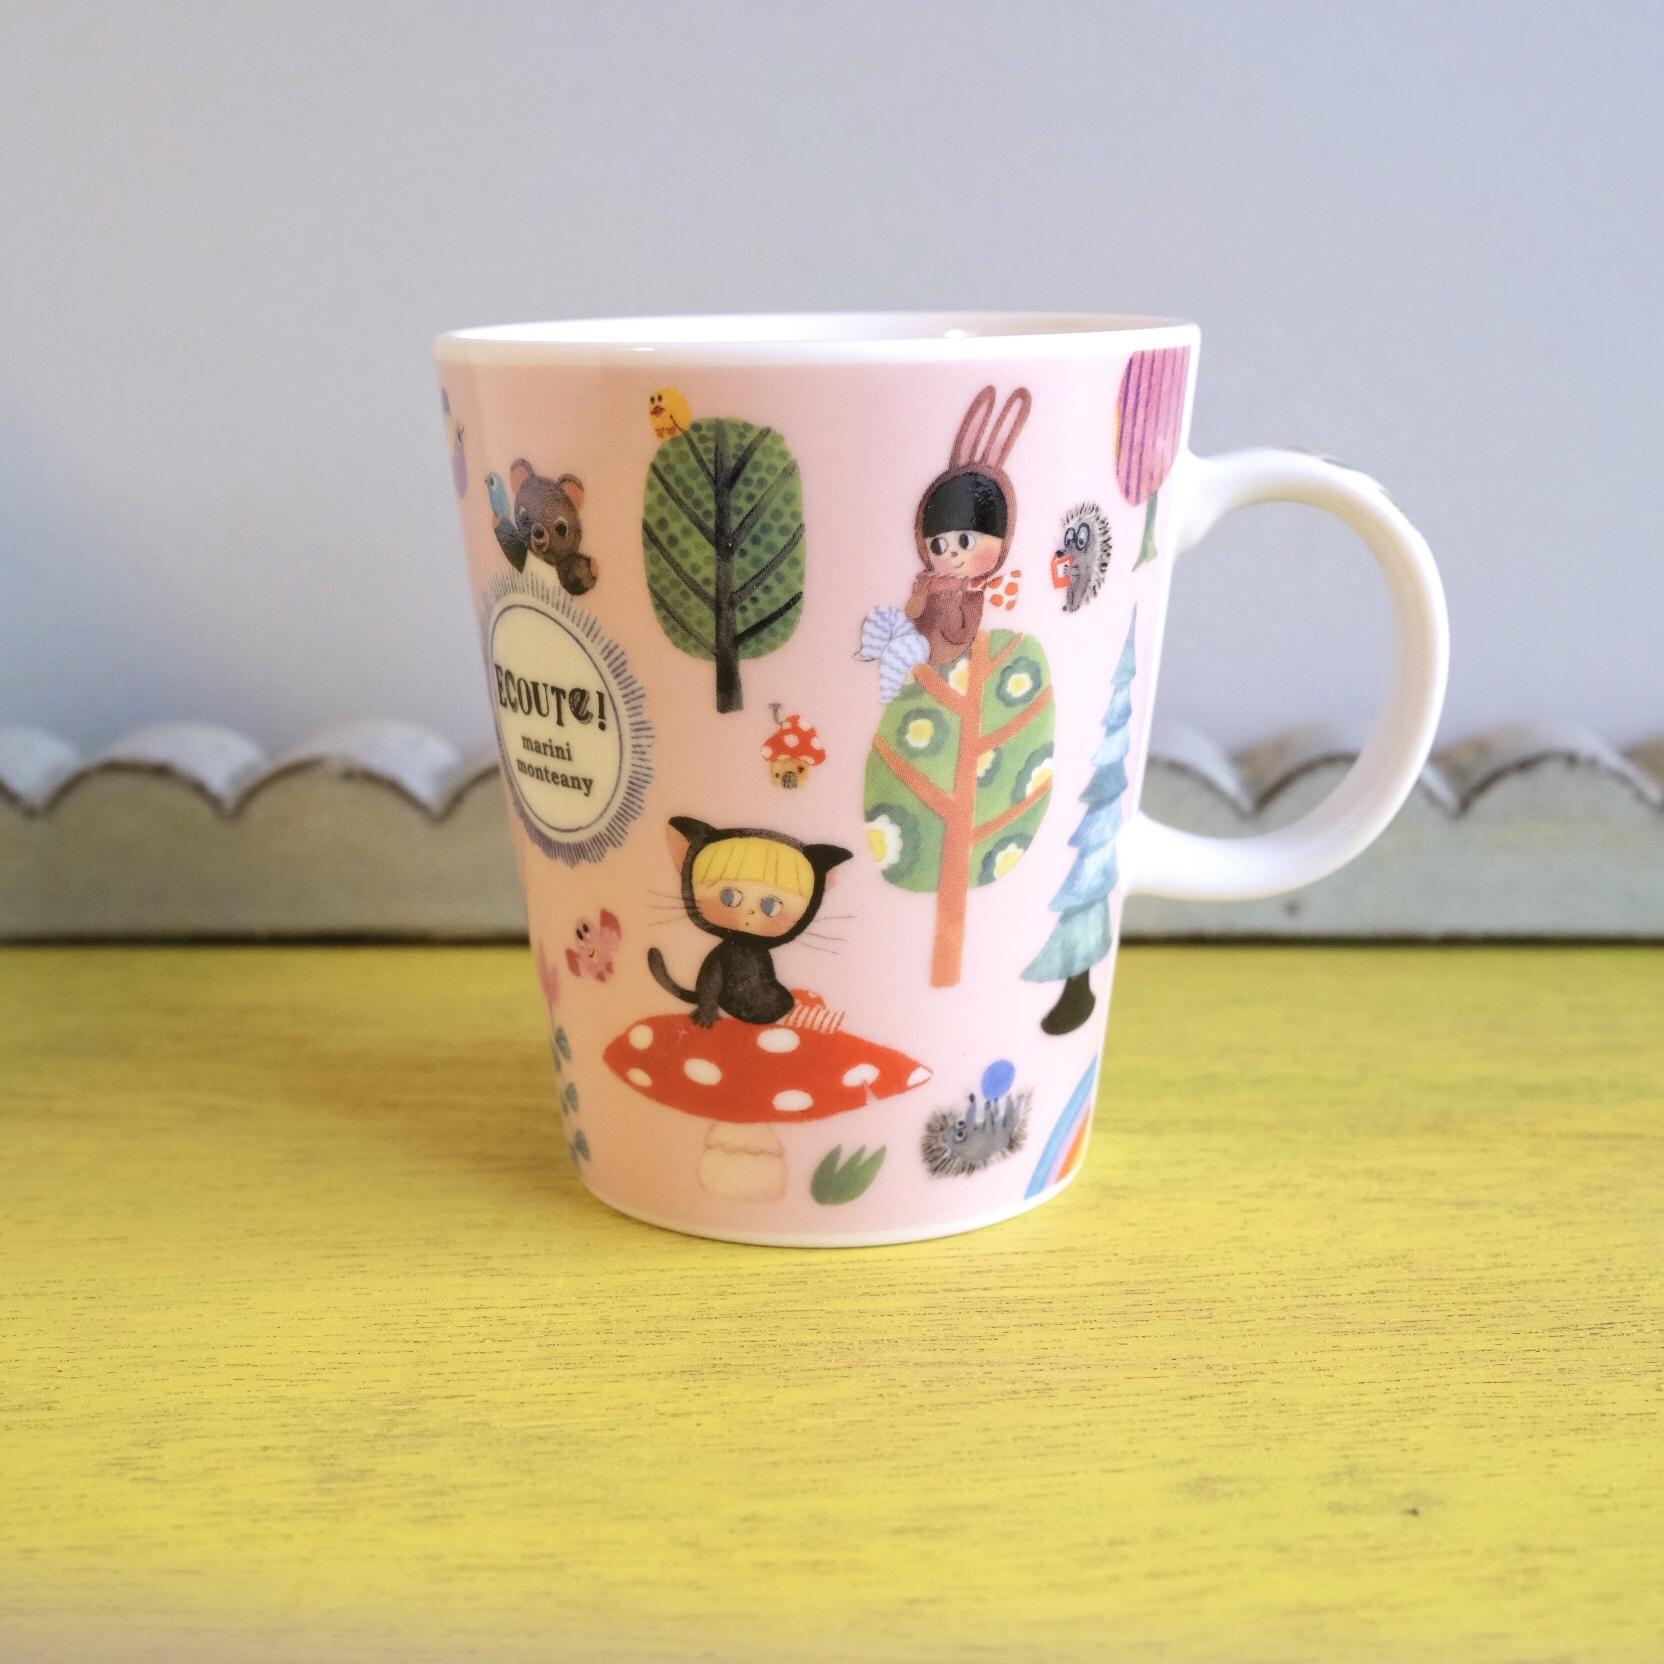 Ecoute! Funny mug no.108